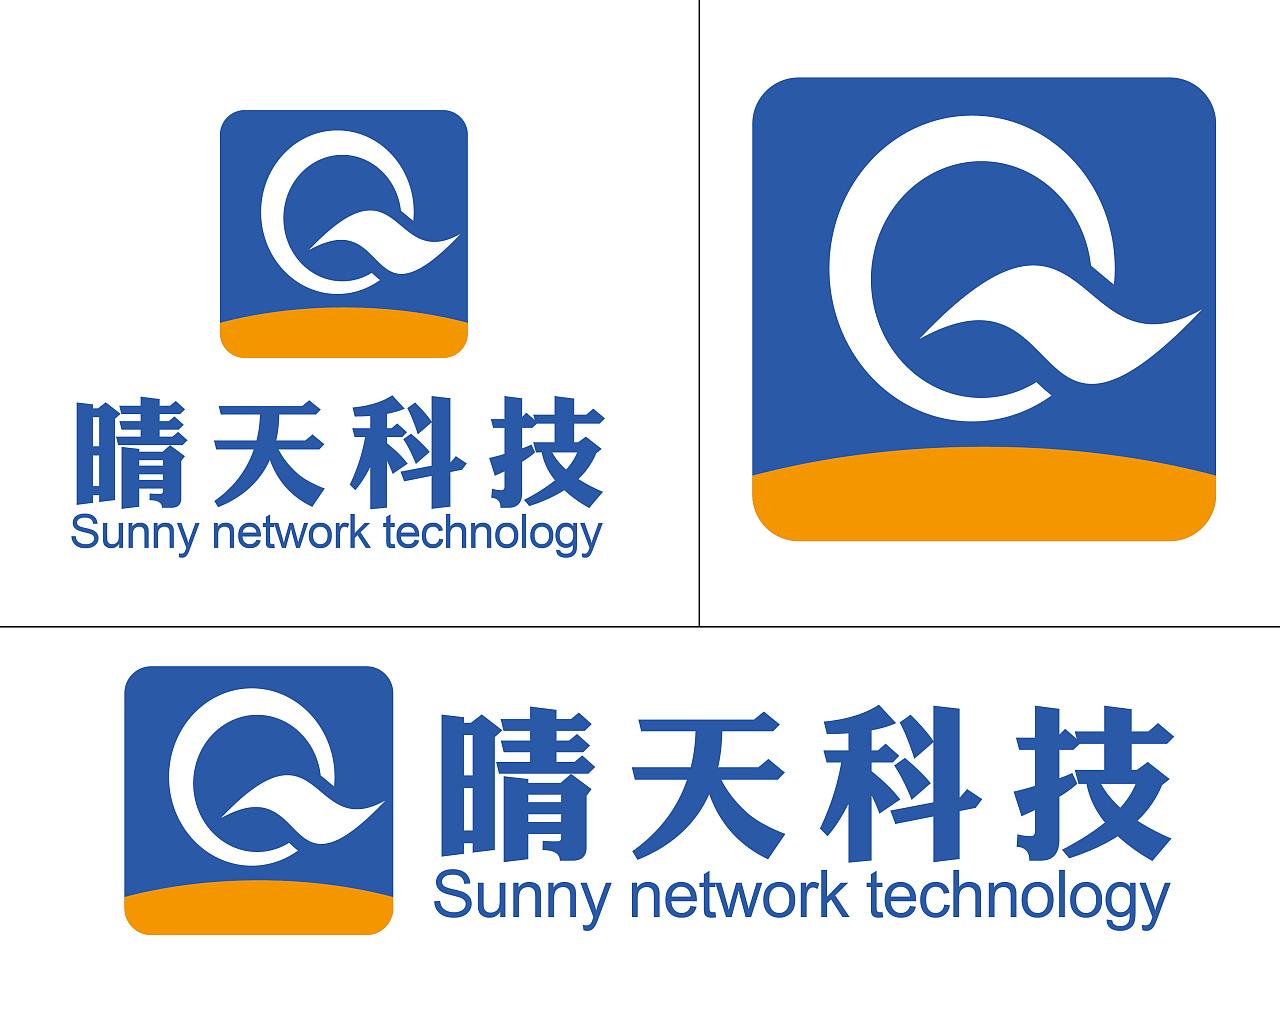 科技公司logo|平面|标志|车泳霖 - 原创作品 - 站酷